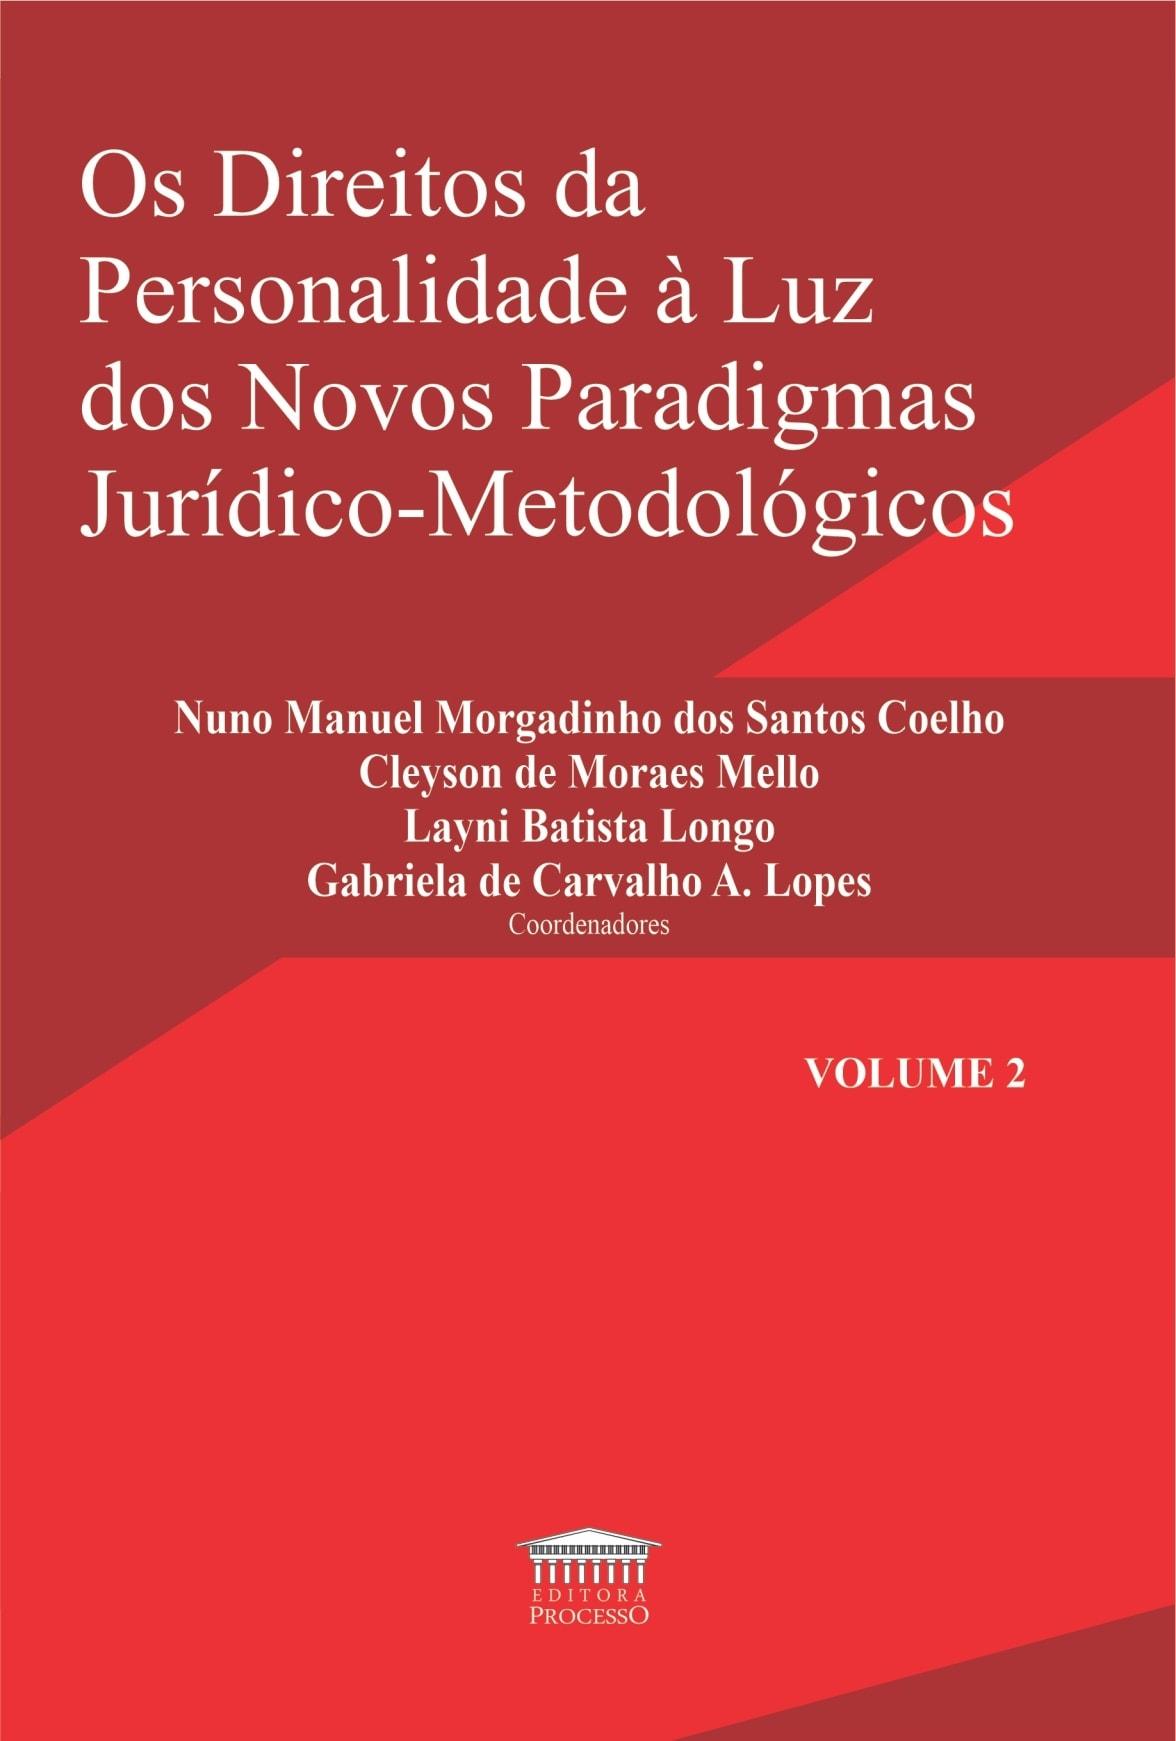 OS DIREITOS DA PERSONALIDADE À LUZ DOS NOVOS PARADIGMAS JURÍDICO-METODOLÓGICOS - VOL. 2